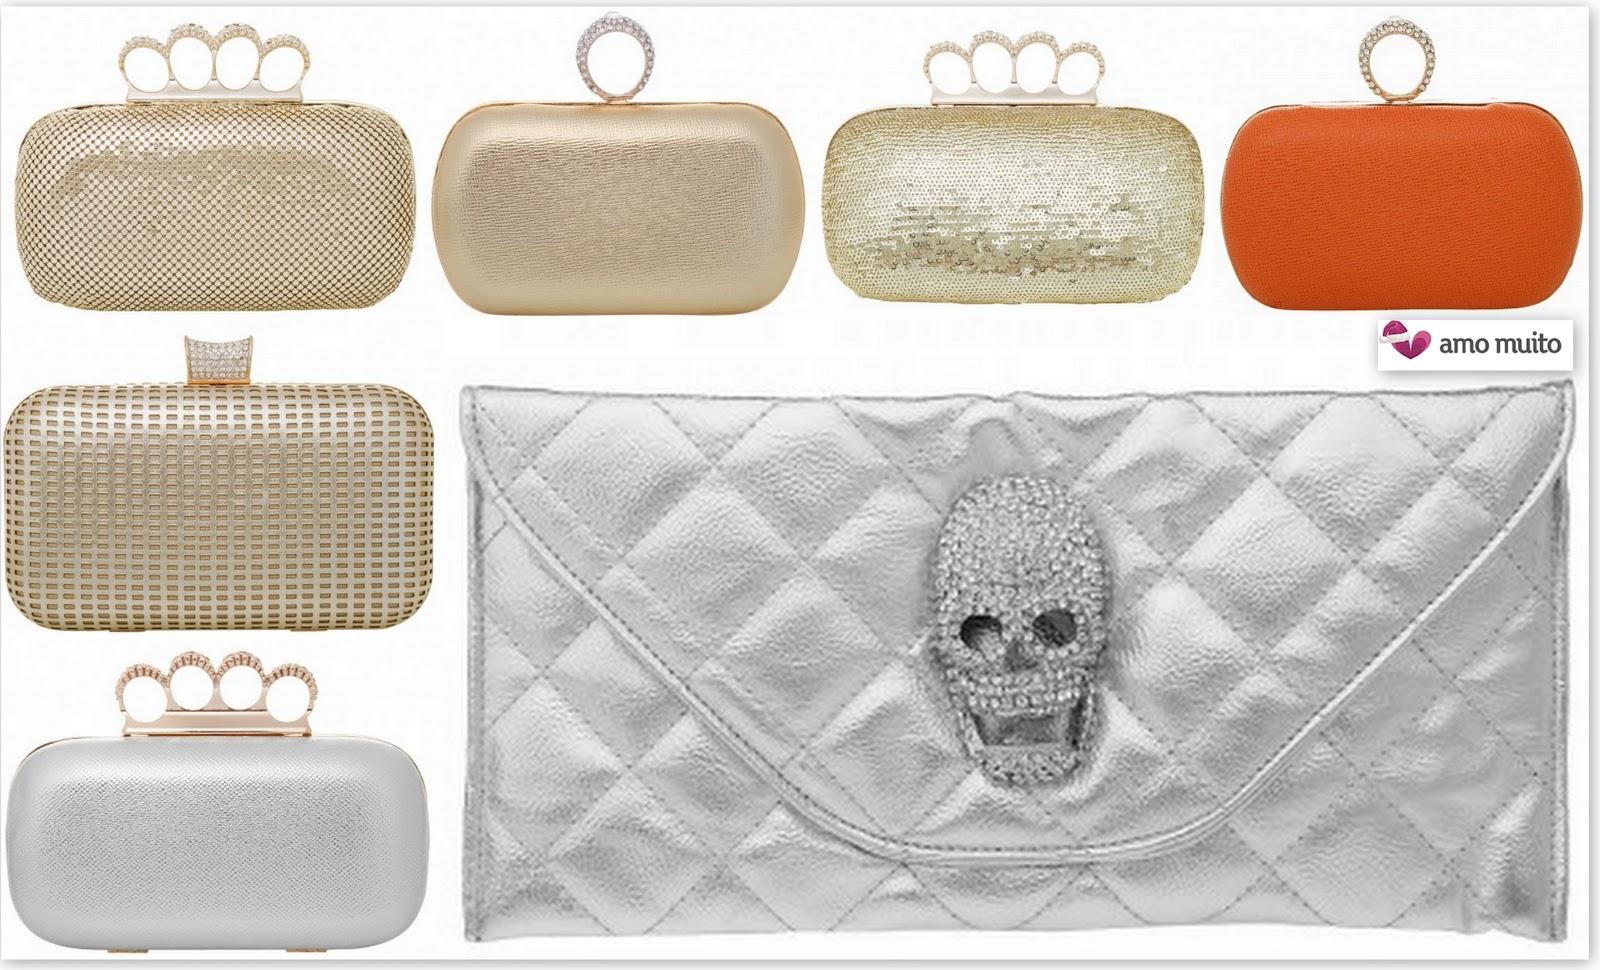 Bolsa Dourada Look : Onde comprar bolsa de festa woman chic